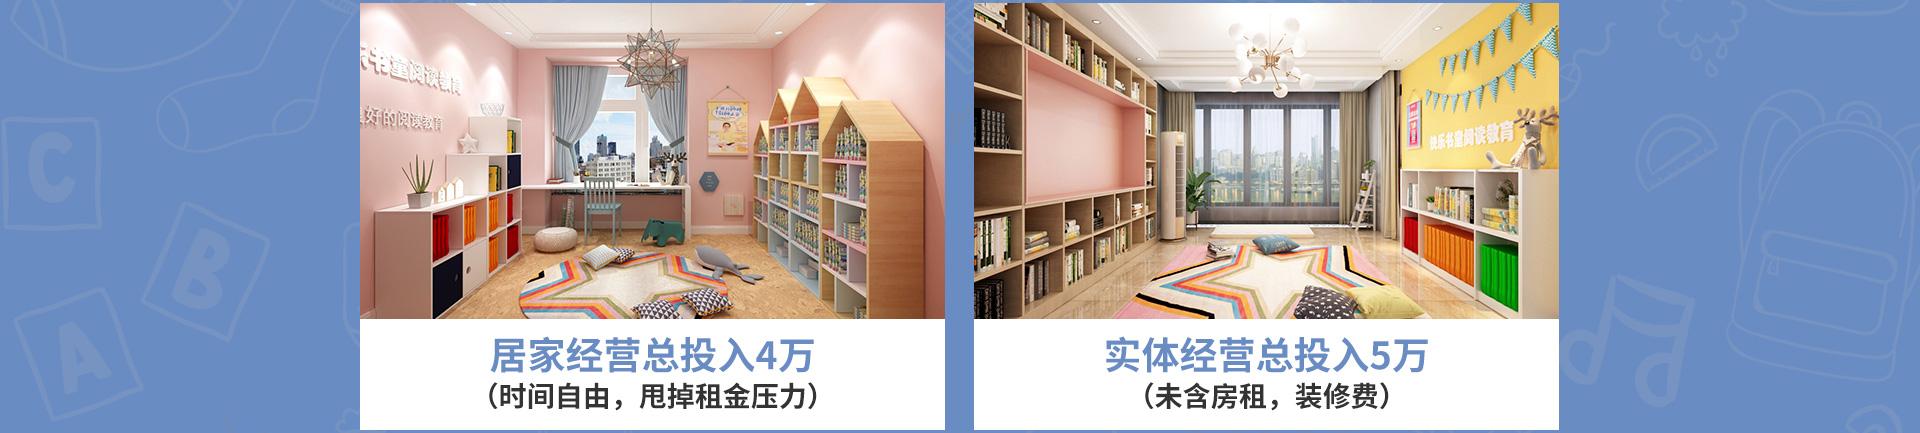 快乐书童阅读馆PC-快乐书童-许小琥_15